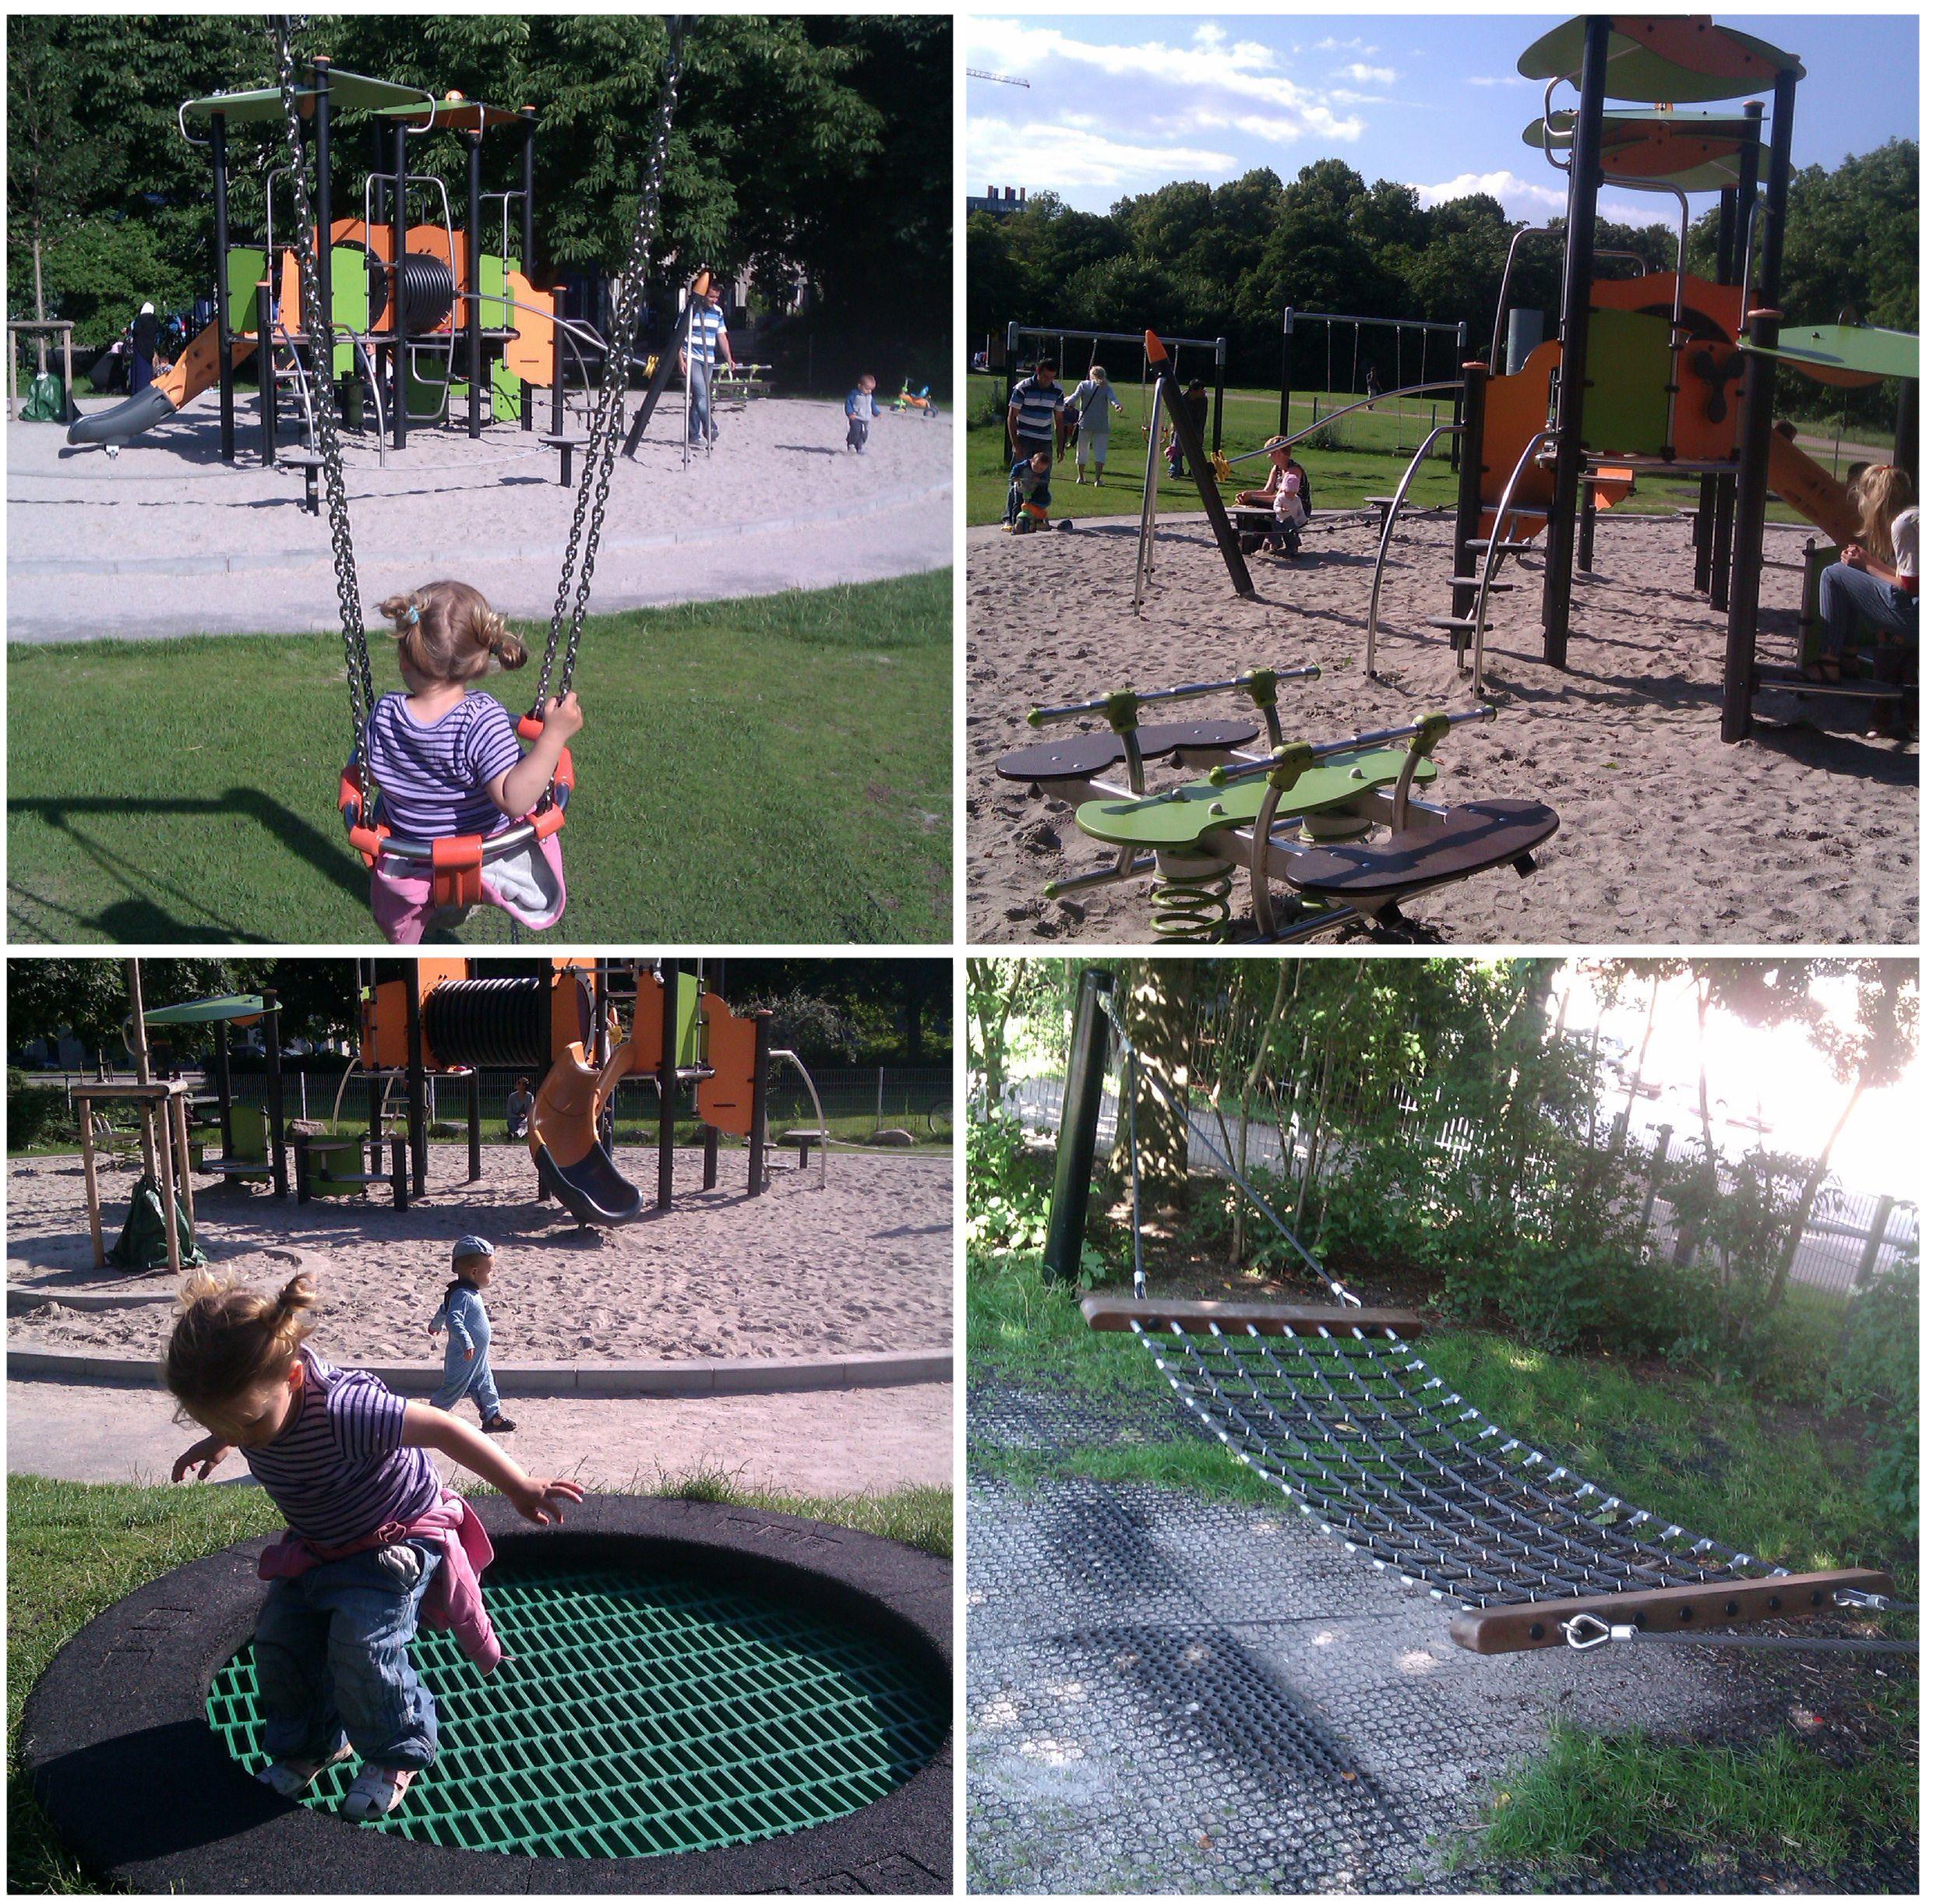 Fredens Park legeplads. Hop i trampolin, gå på line, das i hængekøje (der er plads til far, mor og barn), kravl i tårne, gyng, rutsj. Ligger tæt på Trafiklegepladsen/Fælledparken.